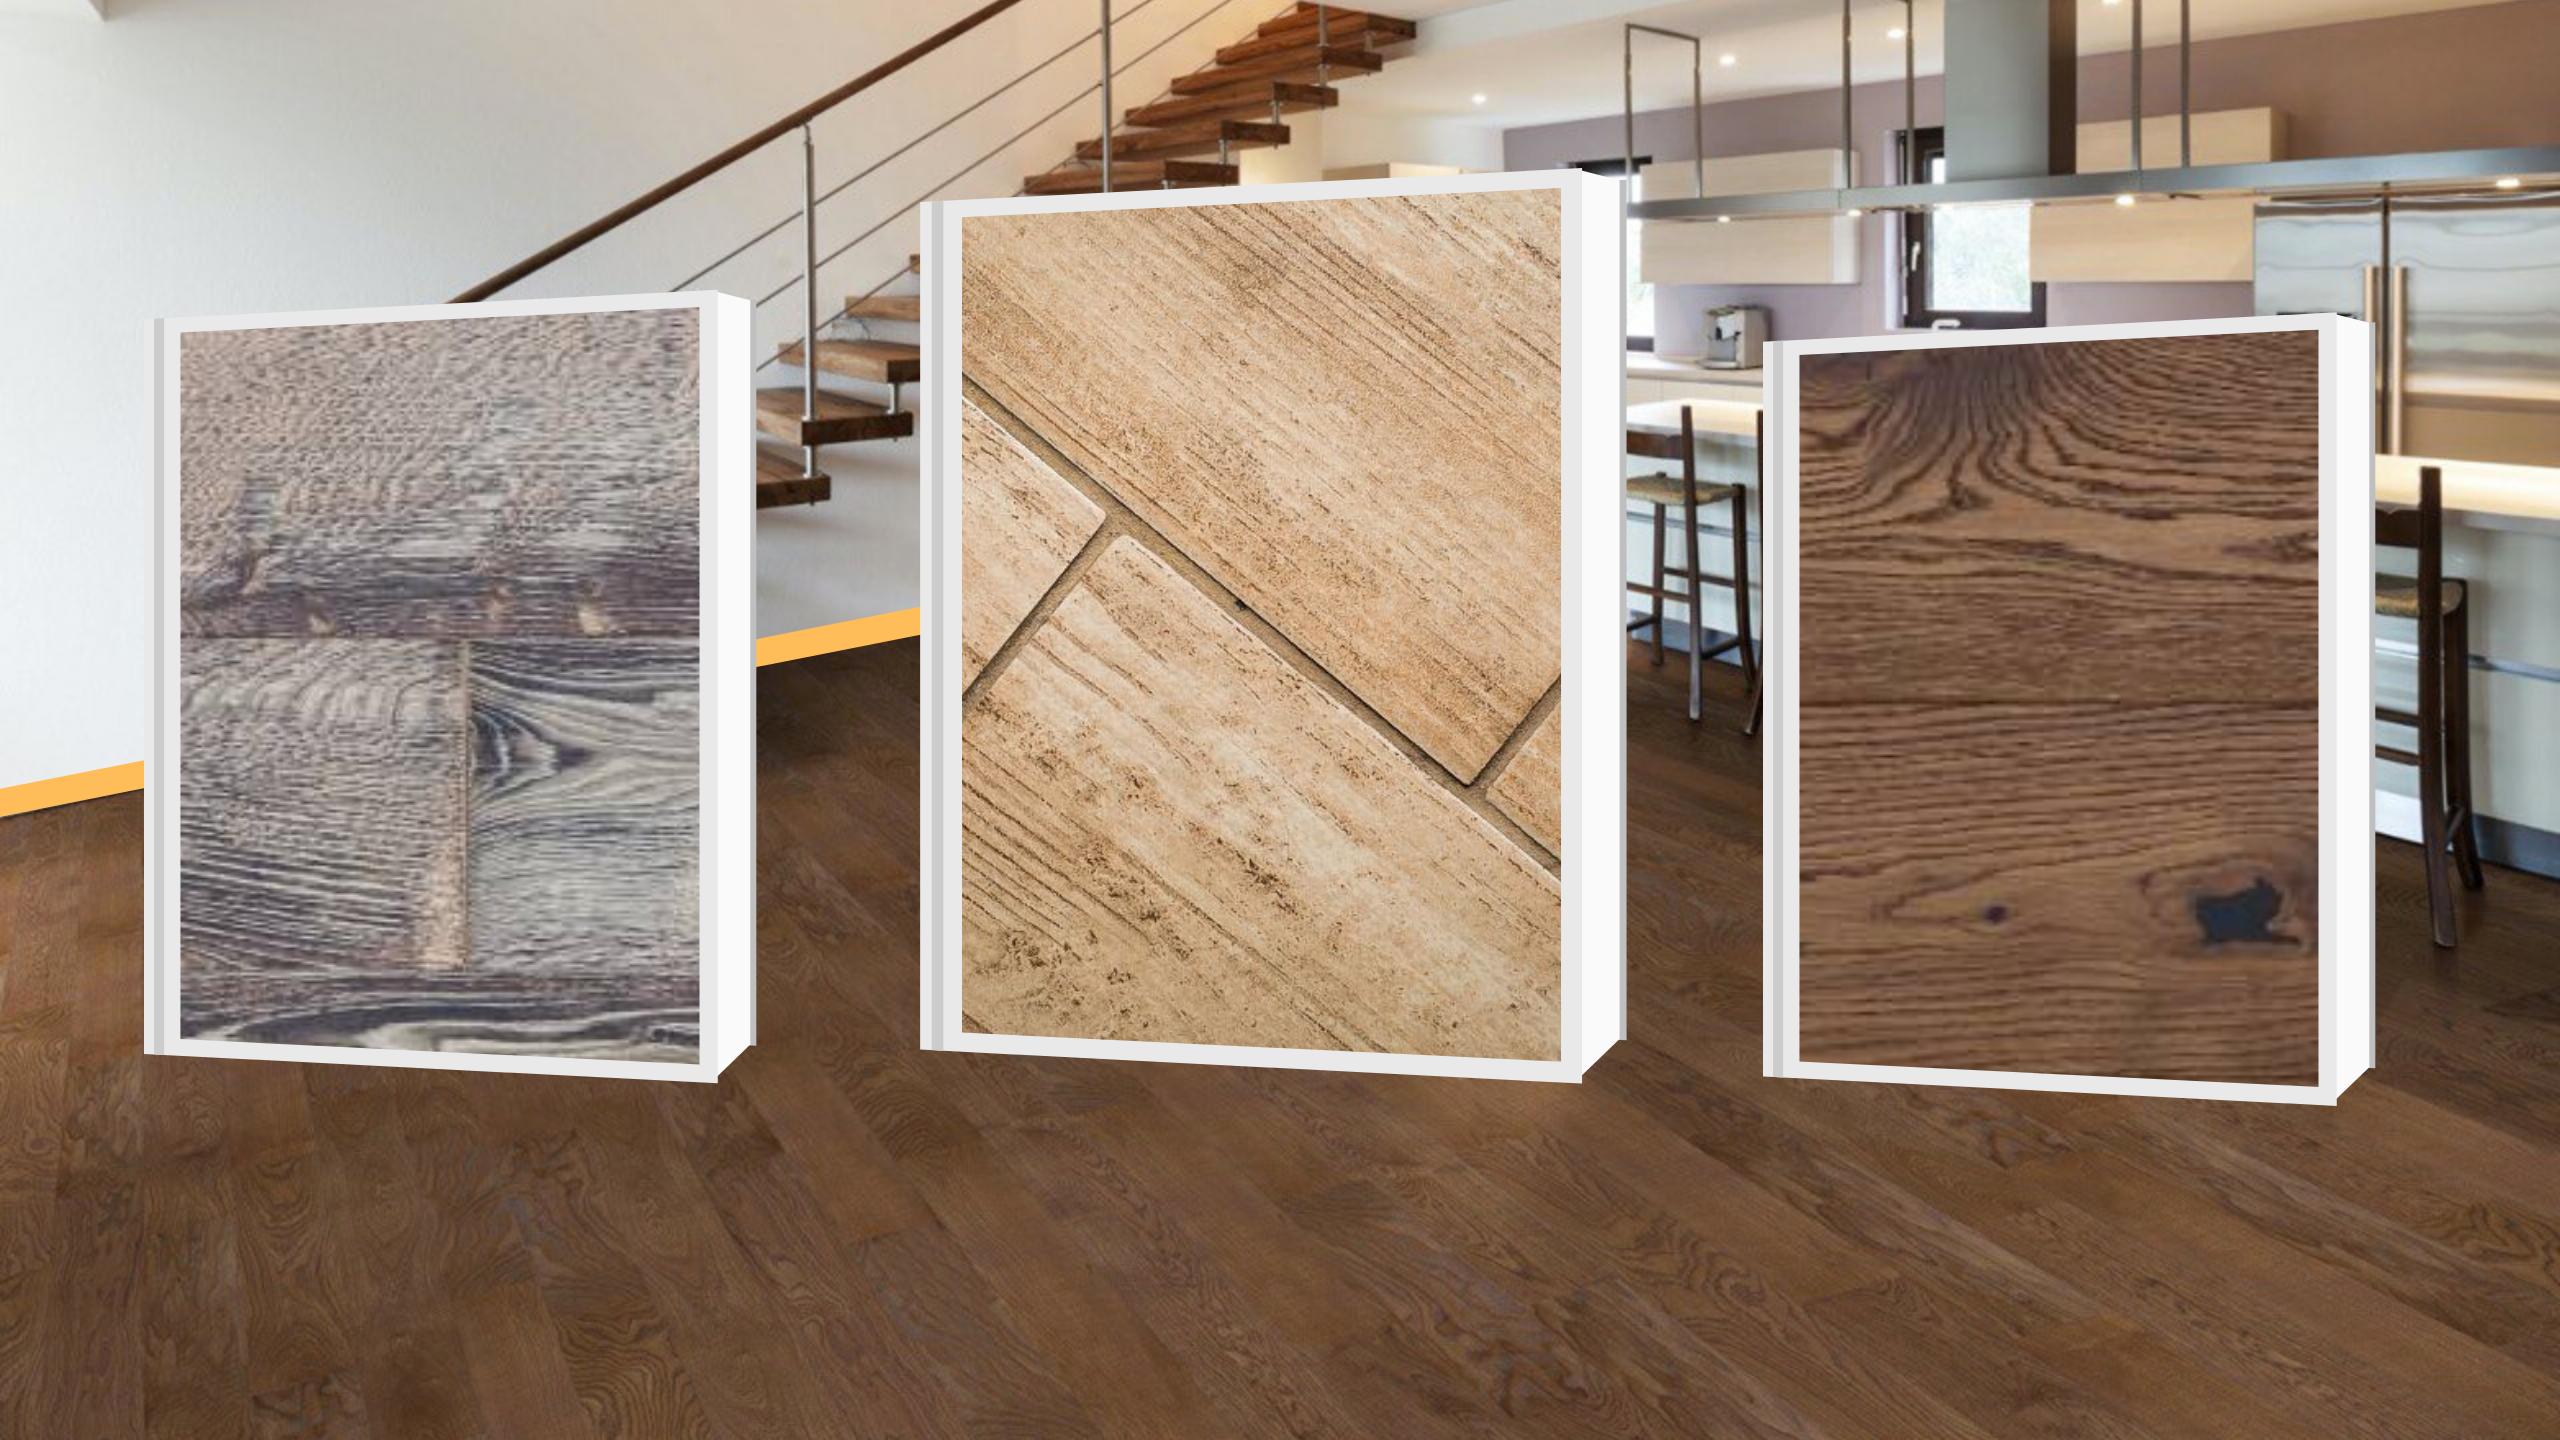 5 różnic pomiędzy podłogami drewnianymi, a płytką drewnopodobną. Dlaczego dębowe deski podłogowe są lepsze?